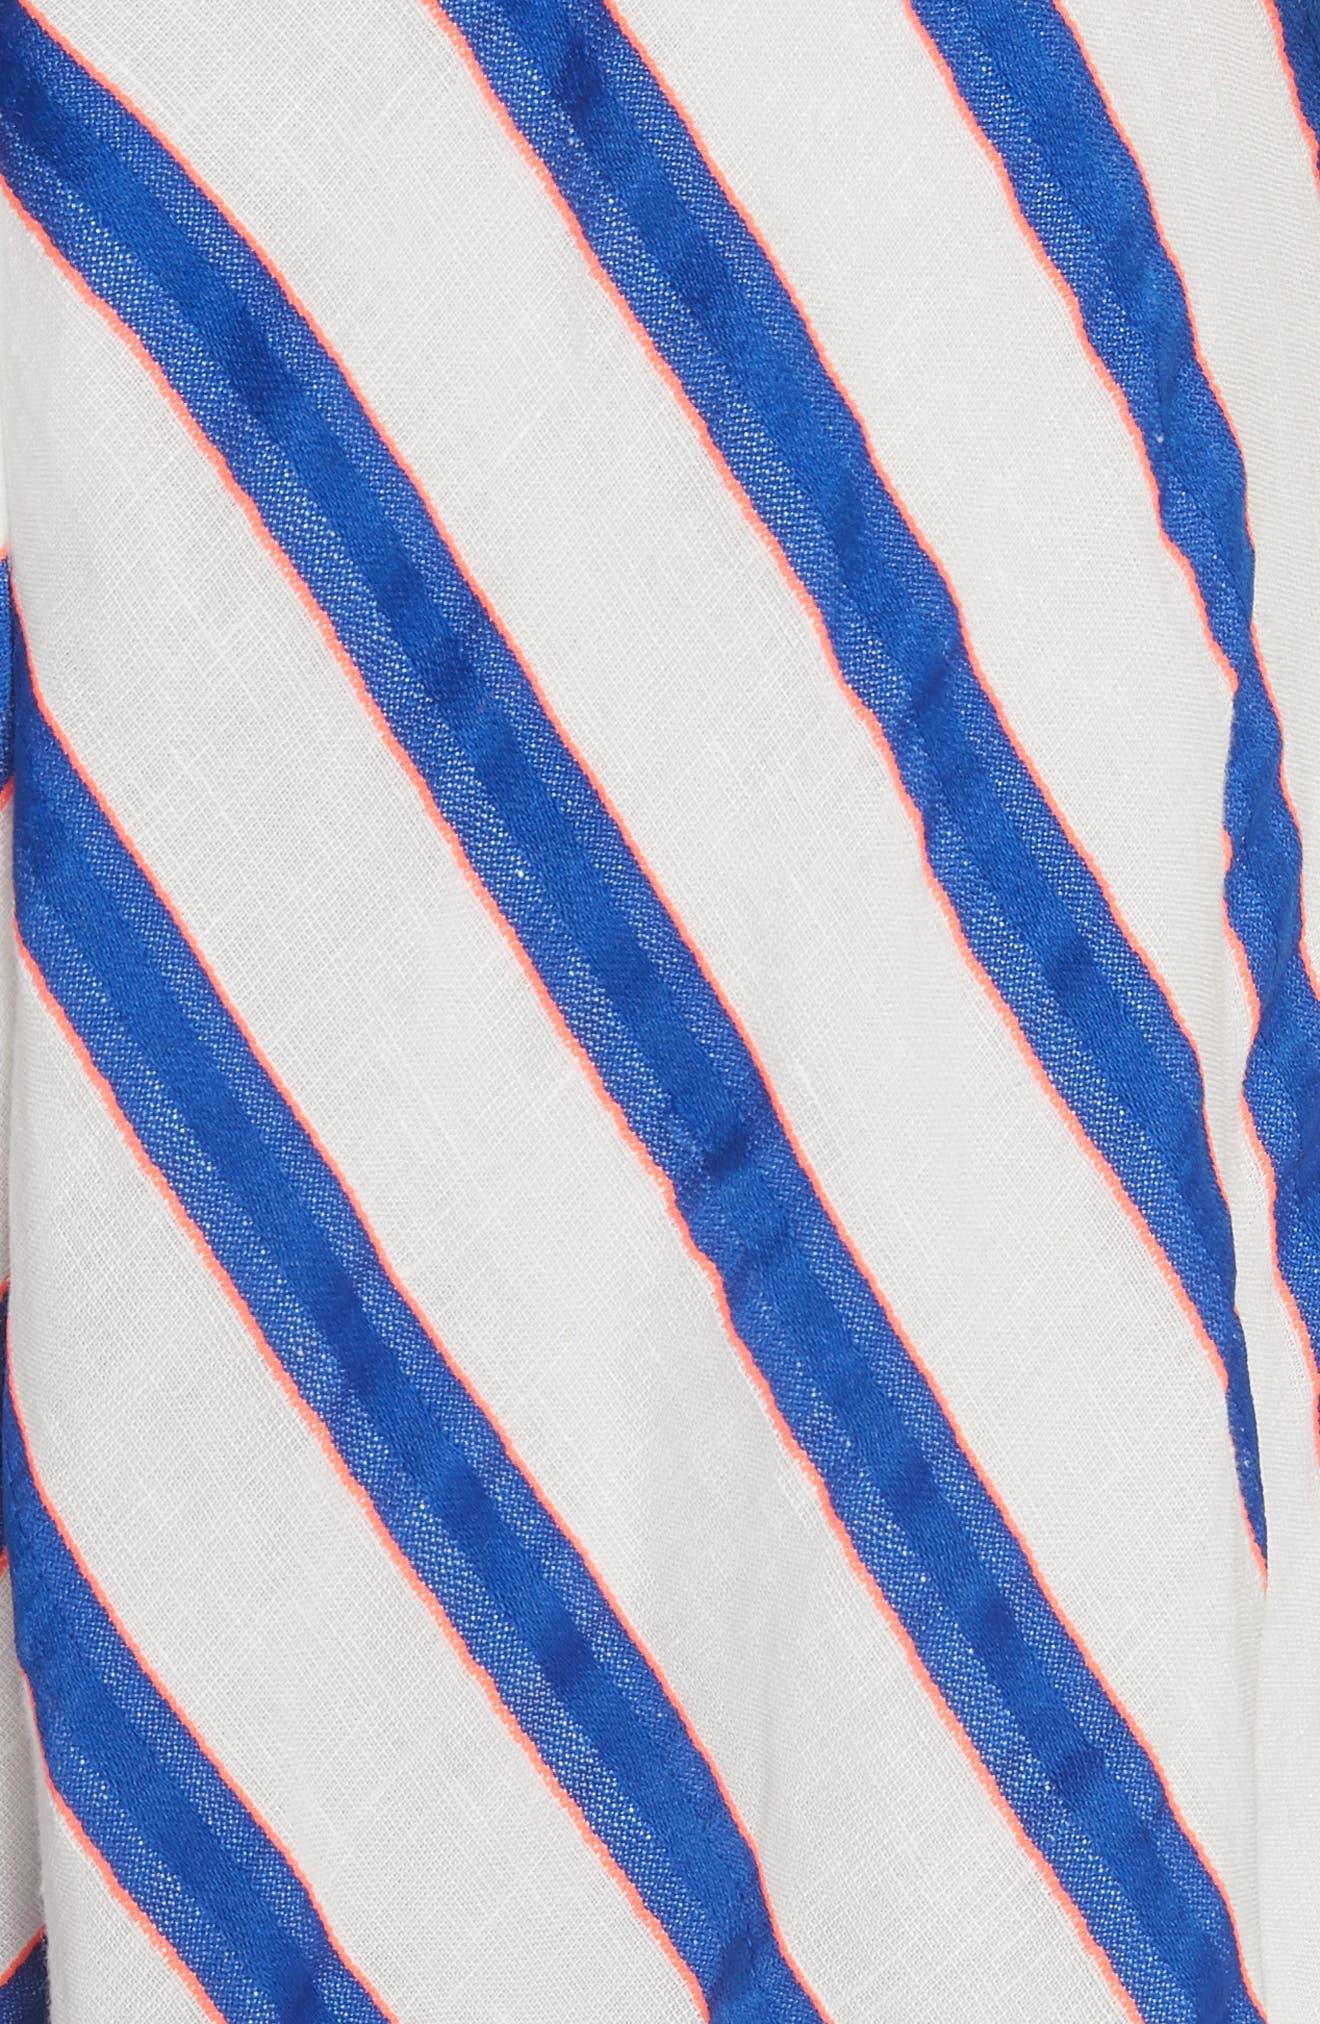 Stripe Washed Linen Blend Sundress,                             Alternate thumbnail 5, color,                             Cobalt